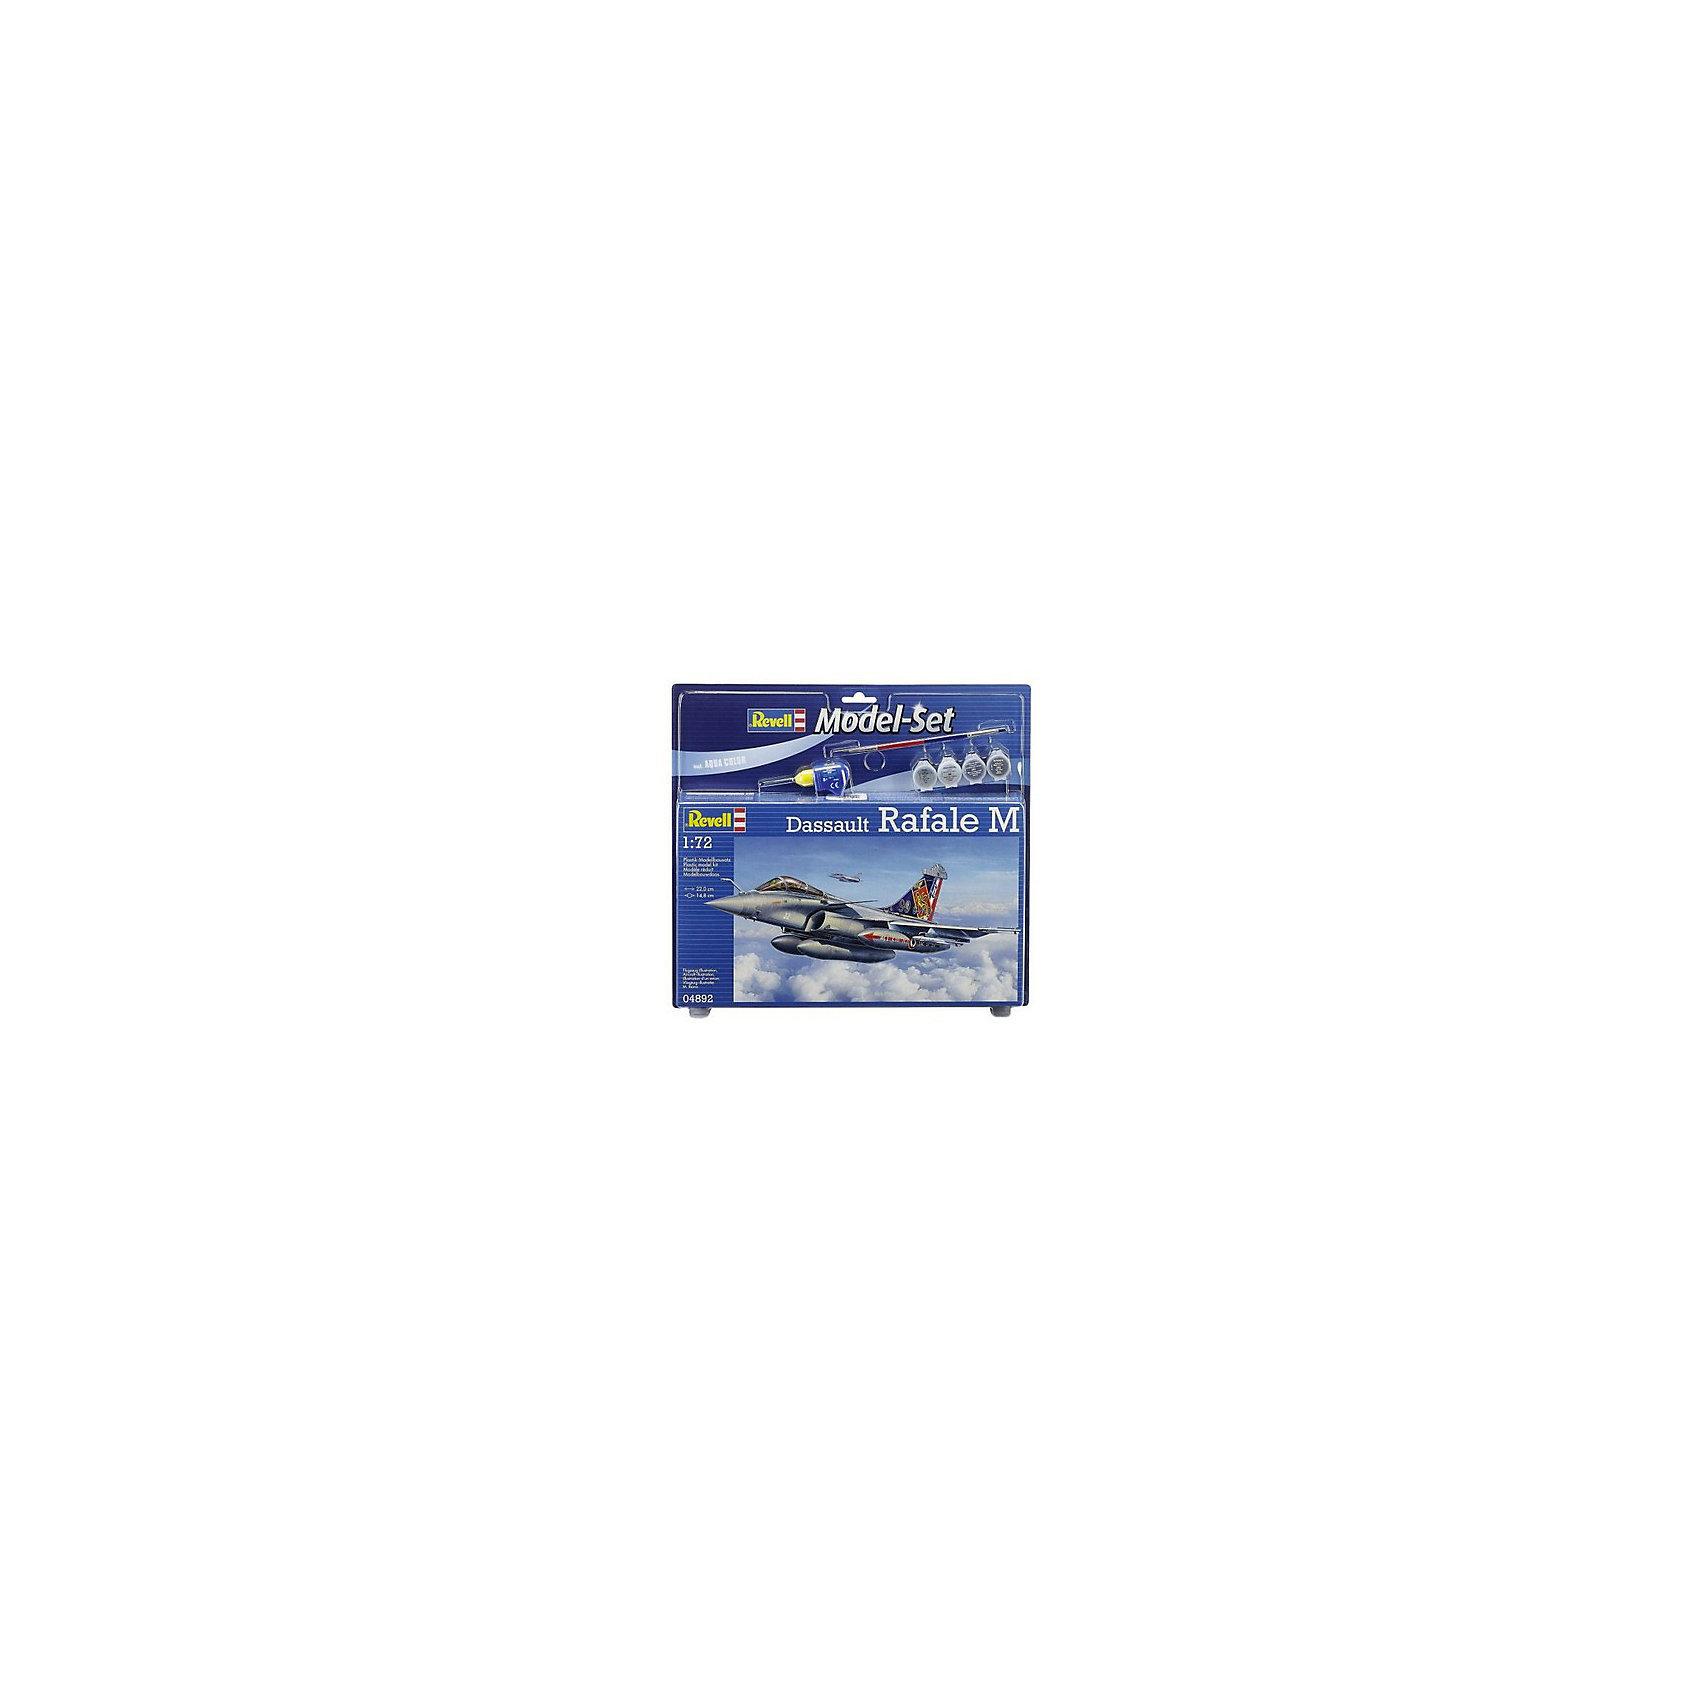 Набор Истребитель Dassault Rafale MМодели для склеивания<br>Истребитель Dassault Rafale M – высокотехнологичная морская версия разведывательного самолёта нового поколения. Он способен исполнять роль, как перехватчика, так и роль самолёта-разведчика, а также истребителя-бомбардировщика.   Прекрасно детализированная сборная модель уникального истребителя Dassault Rafale M представляет собой абсолютно точную уменьшенную копию своего прототипа в масштабе 1:72. Кабина пилота выполнена в мельчайших подробностях. Фактурные поверхности деталей самолёта, детализированные шасси, пилоны для внешних нагрузок, два дополнительных бака, а также две самонаводящиеся ракеты позволяют поверить, что перед вами оригинальный Раффаэль М! Всего модель состоит из 73 отдельных компонентов, которые необходимо собрать, склеить и покрыть краской в соответствии с инструкцией, которая прилагается в комплекте. В наборе также есть клей в удобной упаковке, специальные краски и кисточка для создания неповторимого дизайна истребителя. Длина готовой модели составляет 220 мм, а размах крыльев – 148 мм.   Разработанная для детей от 10 лет, превосходно выполненная сборная модель французского многофункционального истребителя Dassault Rafale M определённо порадует и взрослых любителей моделирования, а также коллекционеров военной техники разных стран. Моделирование относят к одному из наиболее полезных хобби, ведь оно отлично тренирует мелкую моторику, развивает такие навыки как усидчивость, аккуратность и внимательность. Кроме того, развивается пространственное мышление, логика и креативность.<br><br>Ширина мм: 9999<br>Глубина мм: 9999<br>Высота мм: 9999<br>Вес г: 9999<br>Возраст от месяцев: 132<br>Возраст до месяцев: 2147483647<br>Пол: Мужской<br>Возраст: Детский<br>SKU: 7122346